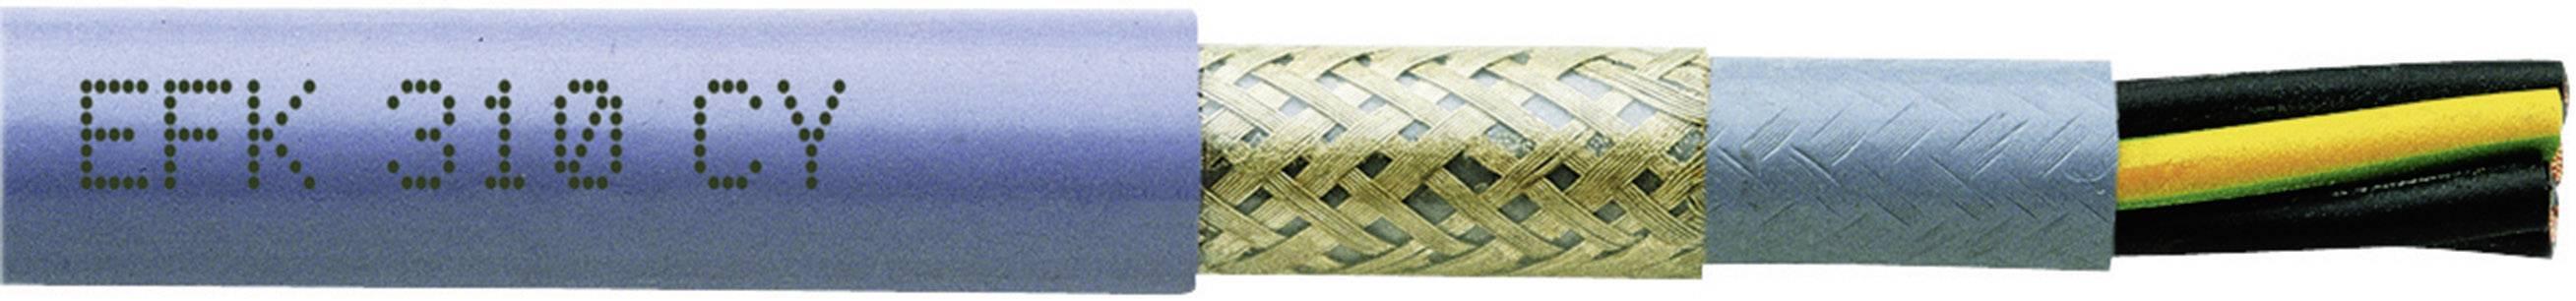 Tažný kabel Faber Kabel EFK 310 CY 310 CUL EFK PVC/PVC/C/PVC (035474), 5x 0,5 mm², PVC, Ø 9,8 mm, stíněný, 1 m